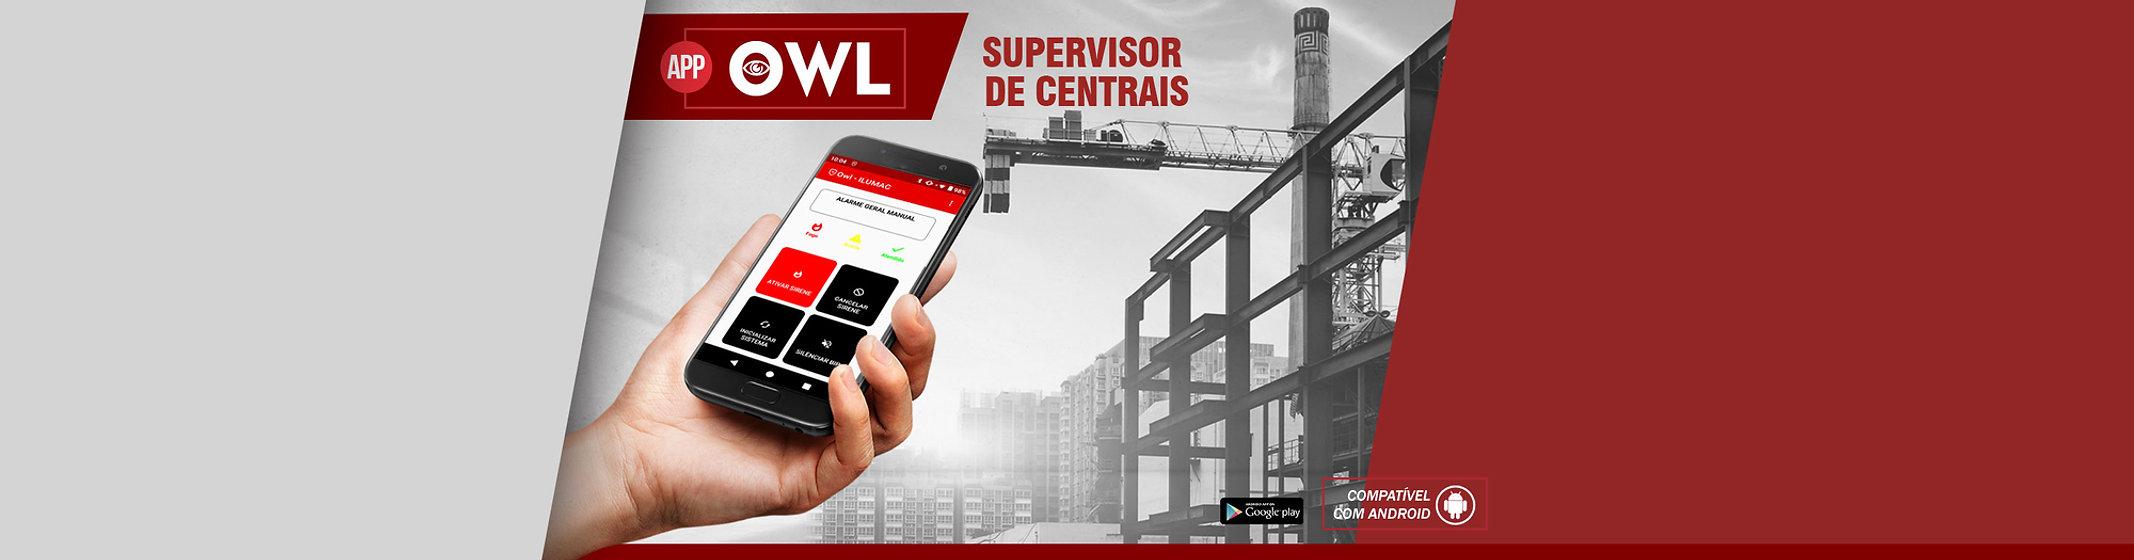 banner-site-OWL.jpg